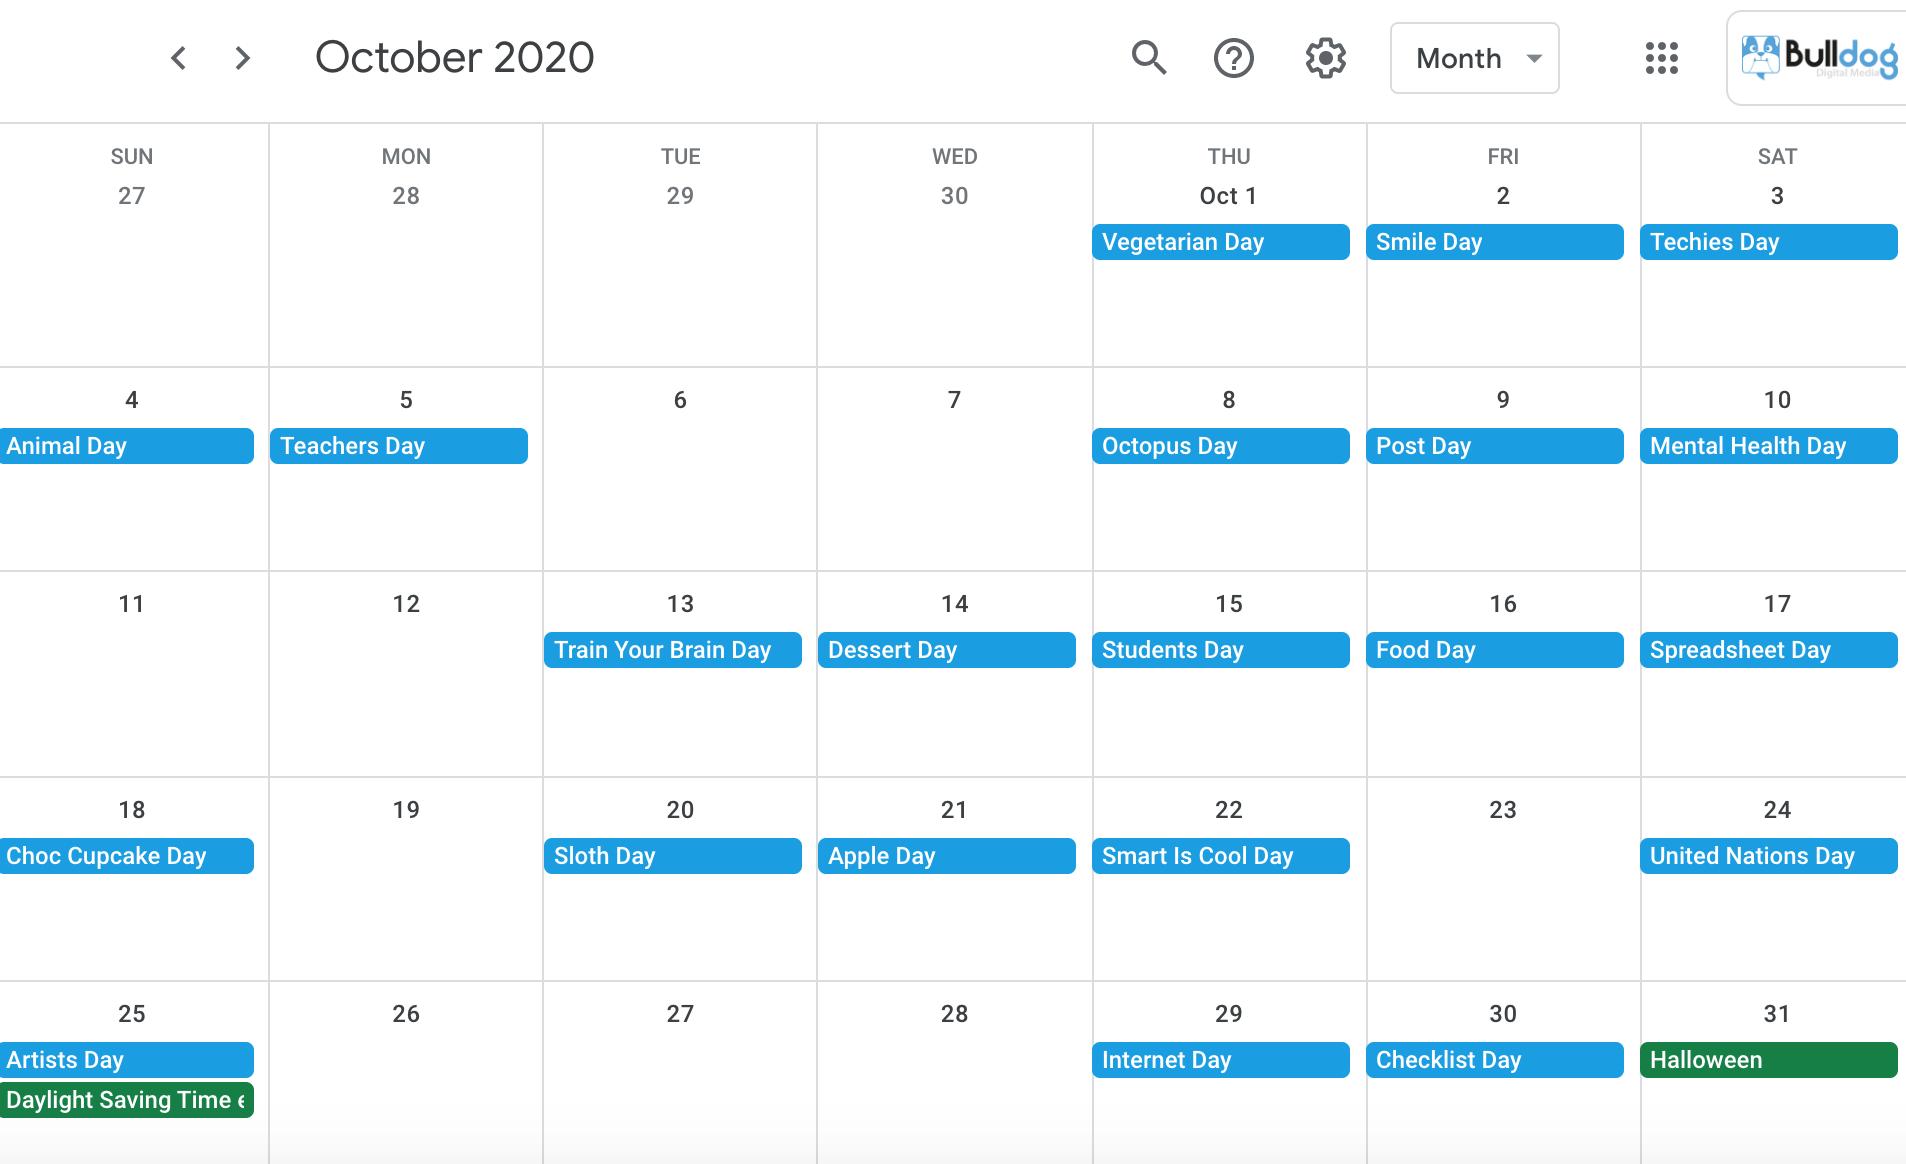 October 2020 social media holidays calendar